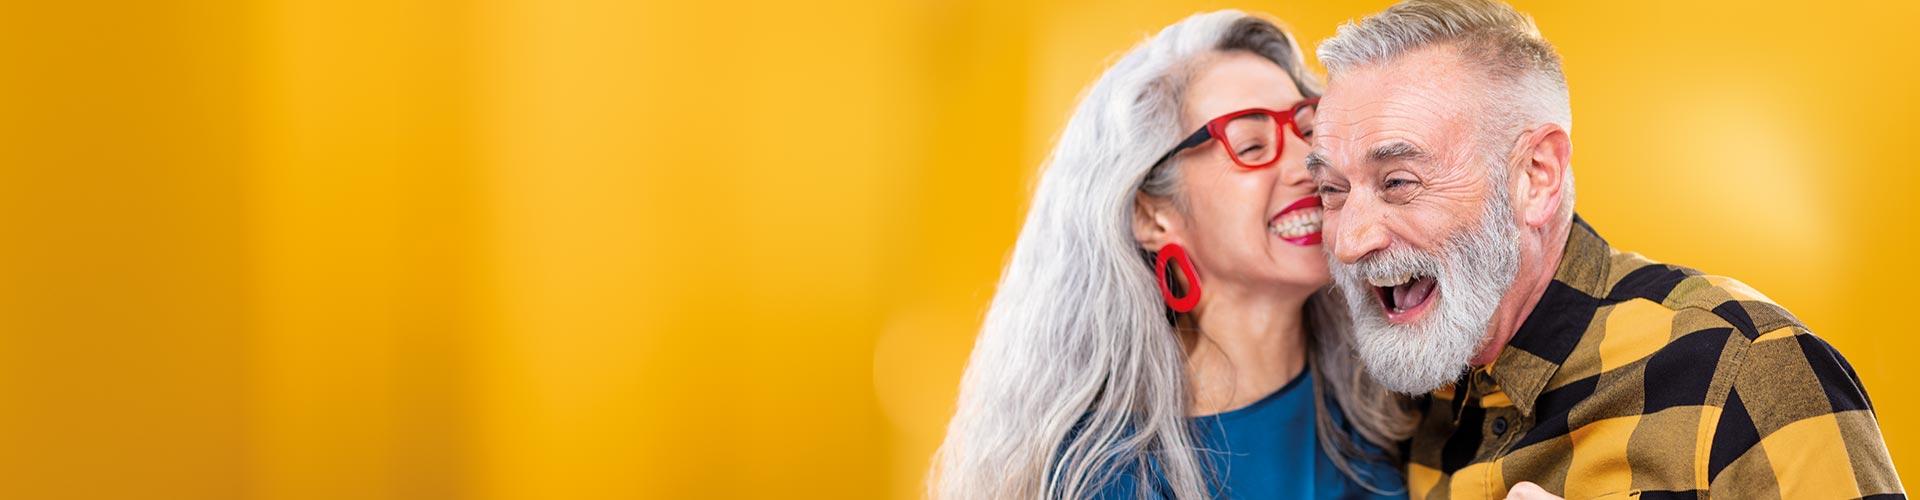 한 중년 여성의 친구에게 비밀 얘기를 속삭입니다. 그는 Philips HearLink 충전식 보청기를 착용하고 있습니다.